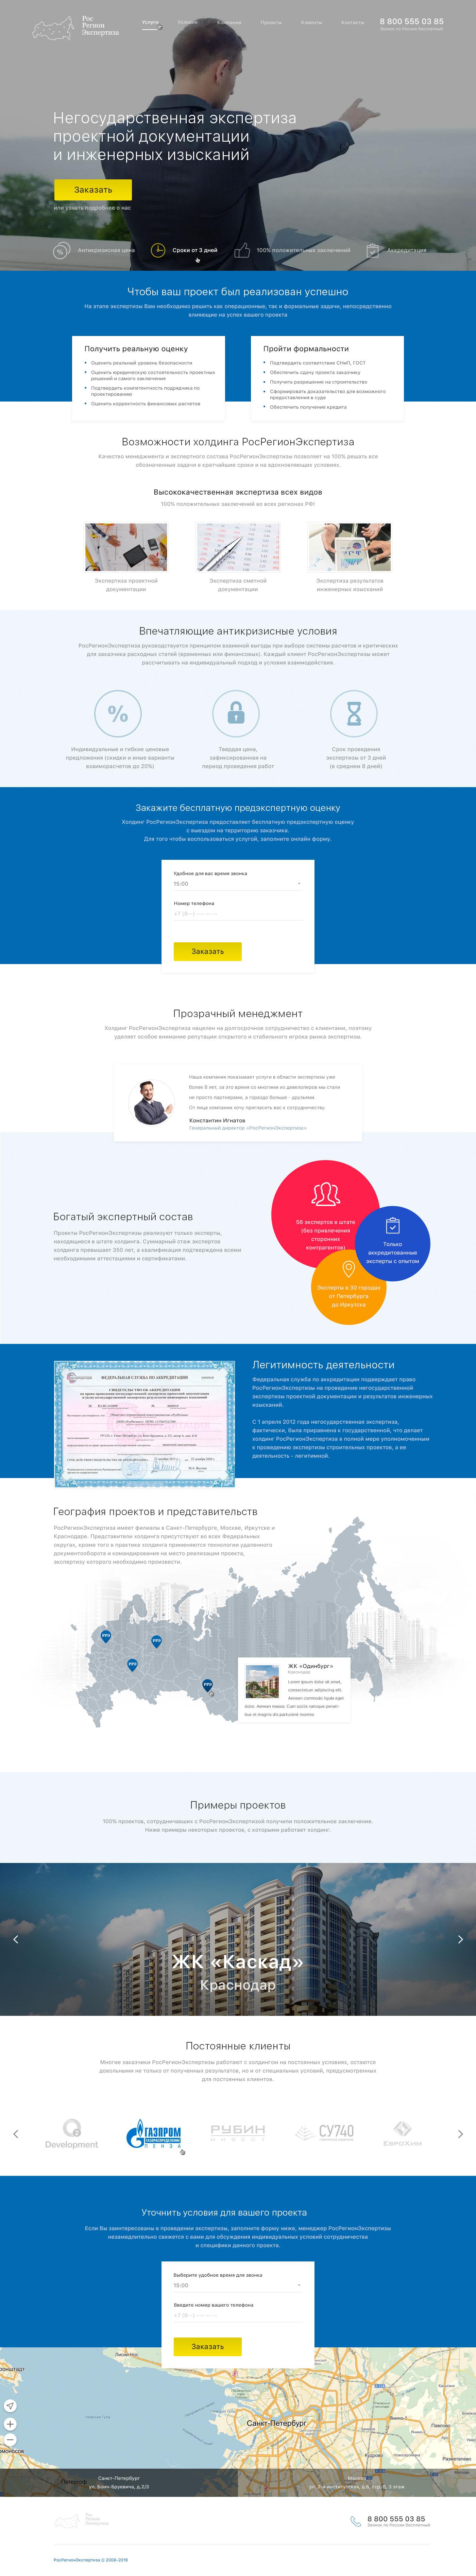 Создание сайта для Негосударственной экспертизы проектной документации и инженерных изысканий